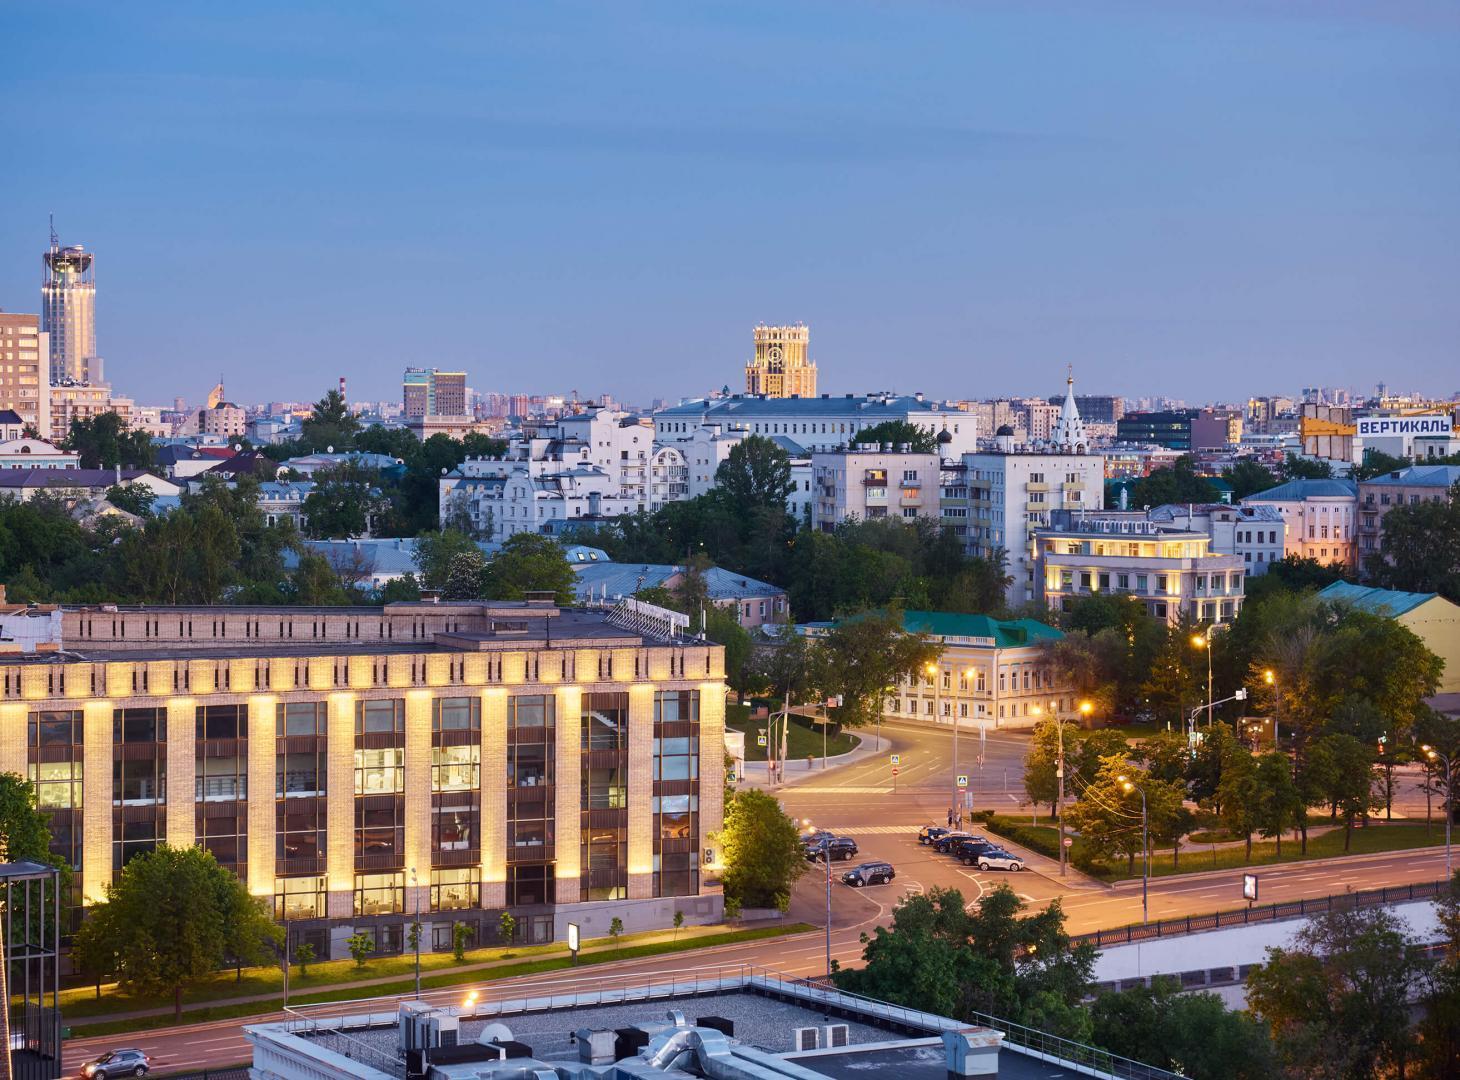 ЖК Тессинский, 1 в Москве от INSIGMA - цены, планировки квартир